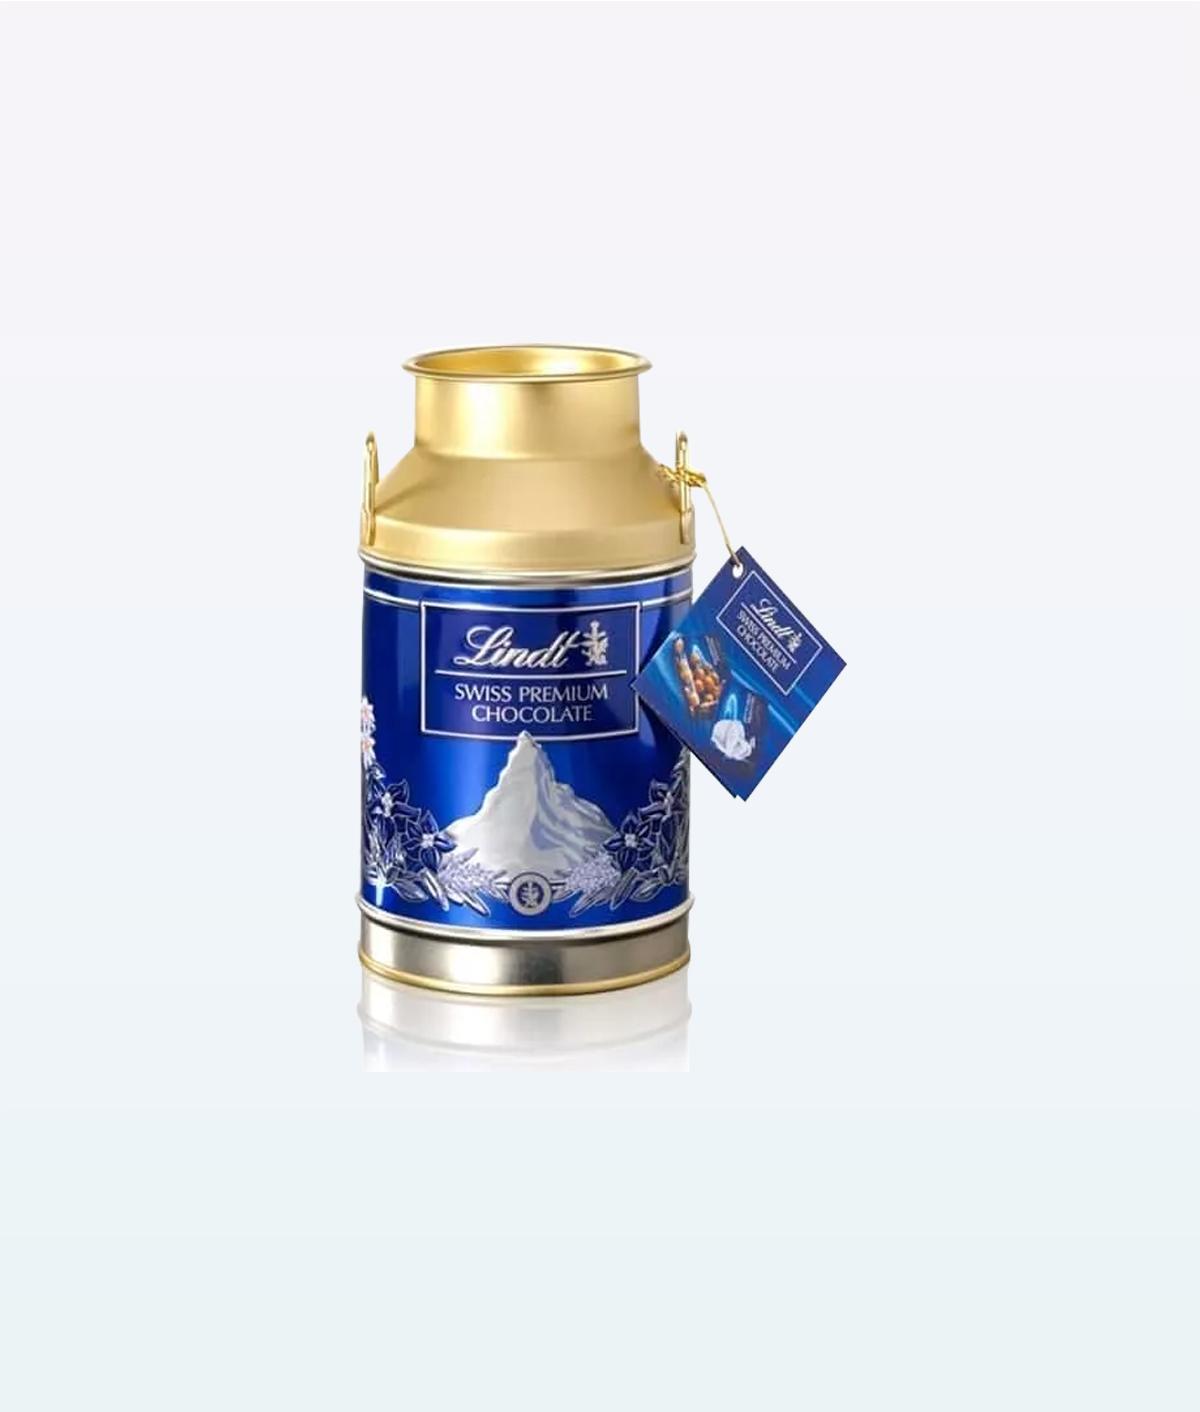 Lindt-Chocolate-Milk-Can-Premium